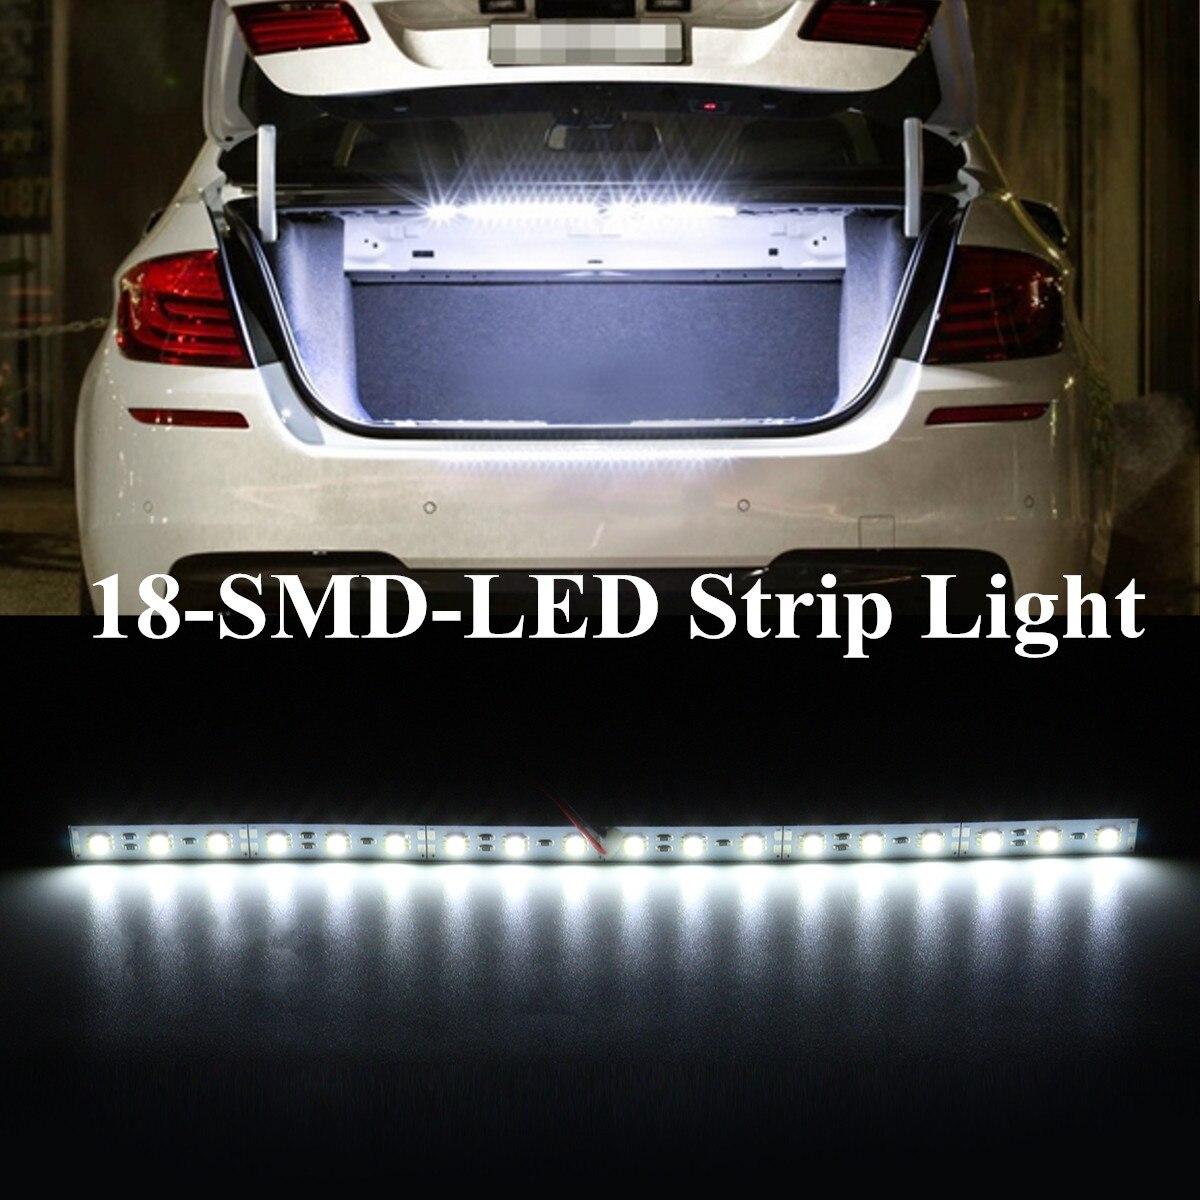 30cm branco 18 conduziu a luz de tira conduzida do carro da barra clara smd para a iluminação interior da área da carga do tronco do carro